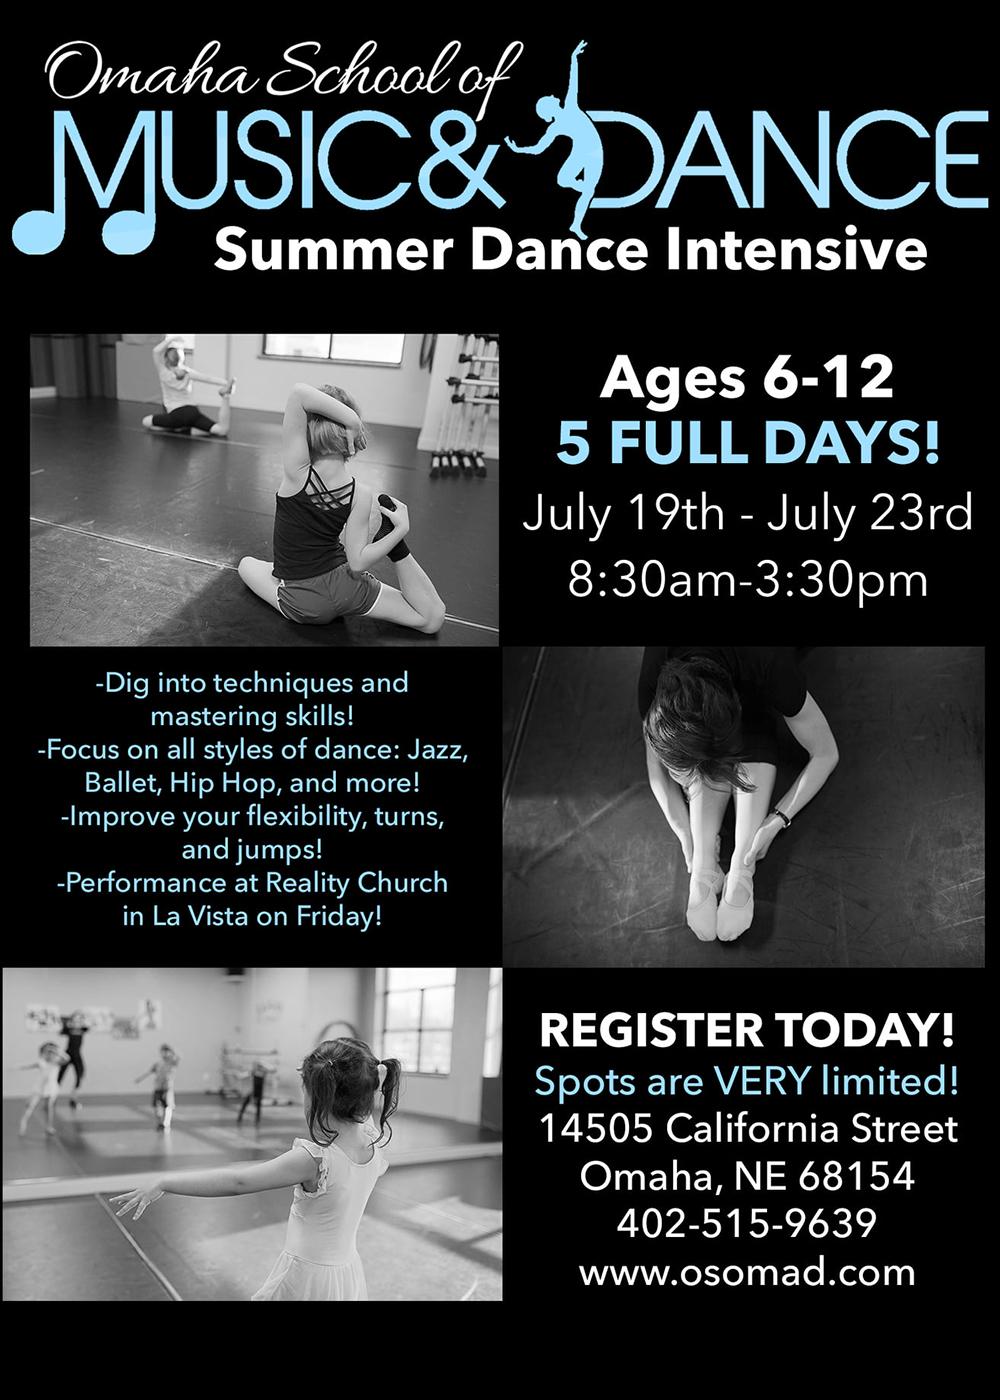 OSMD Summer Dance Intensive